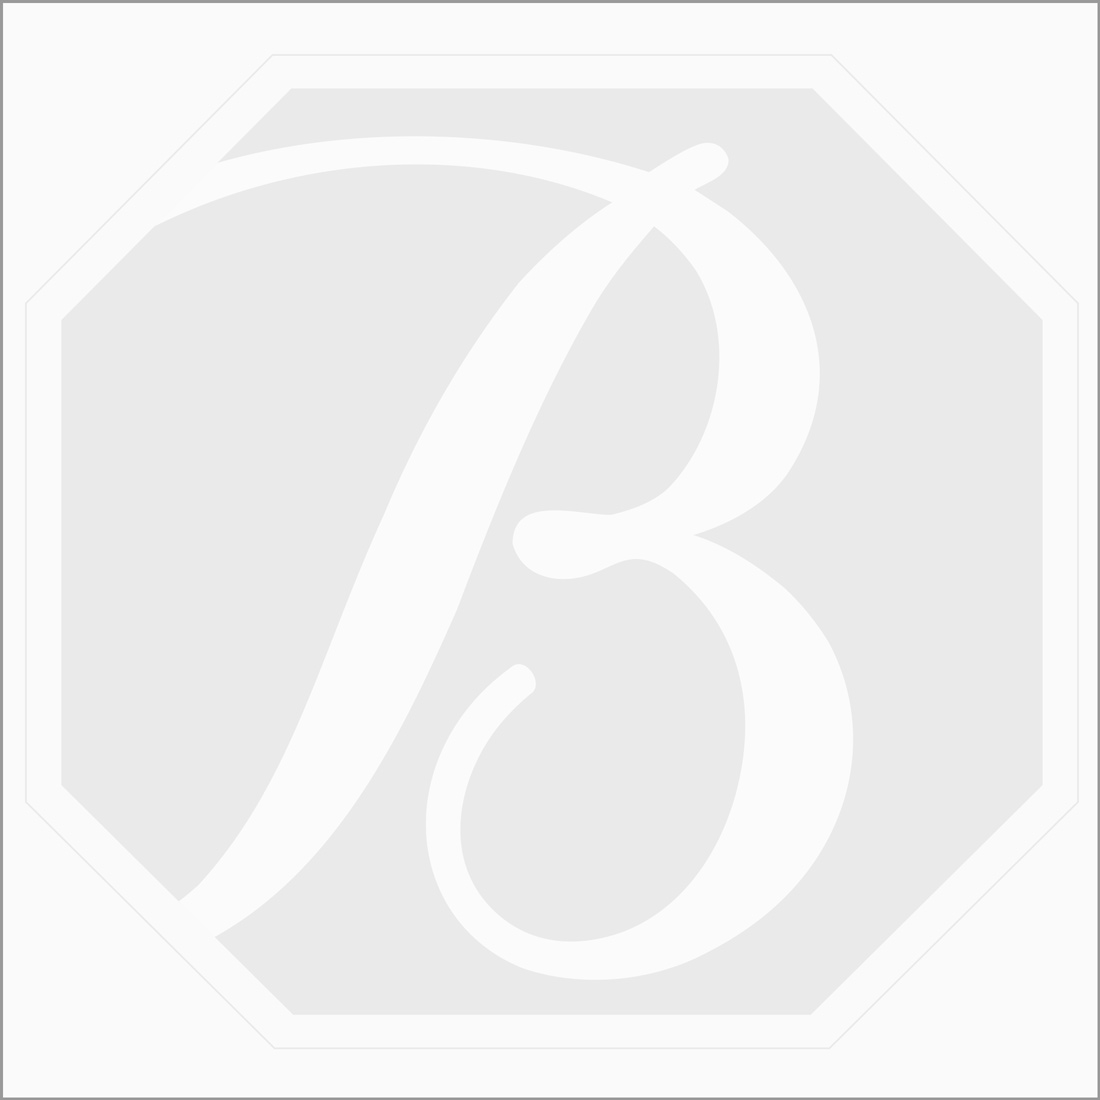 2 Pcs - Dark Green Tourmaline Rose Cuts - 10.37 ct. - 14.9 x 9.8 x 4.2 mm & 15.2 x 10.1 x 3.3 mm (TRC1018)